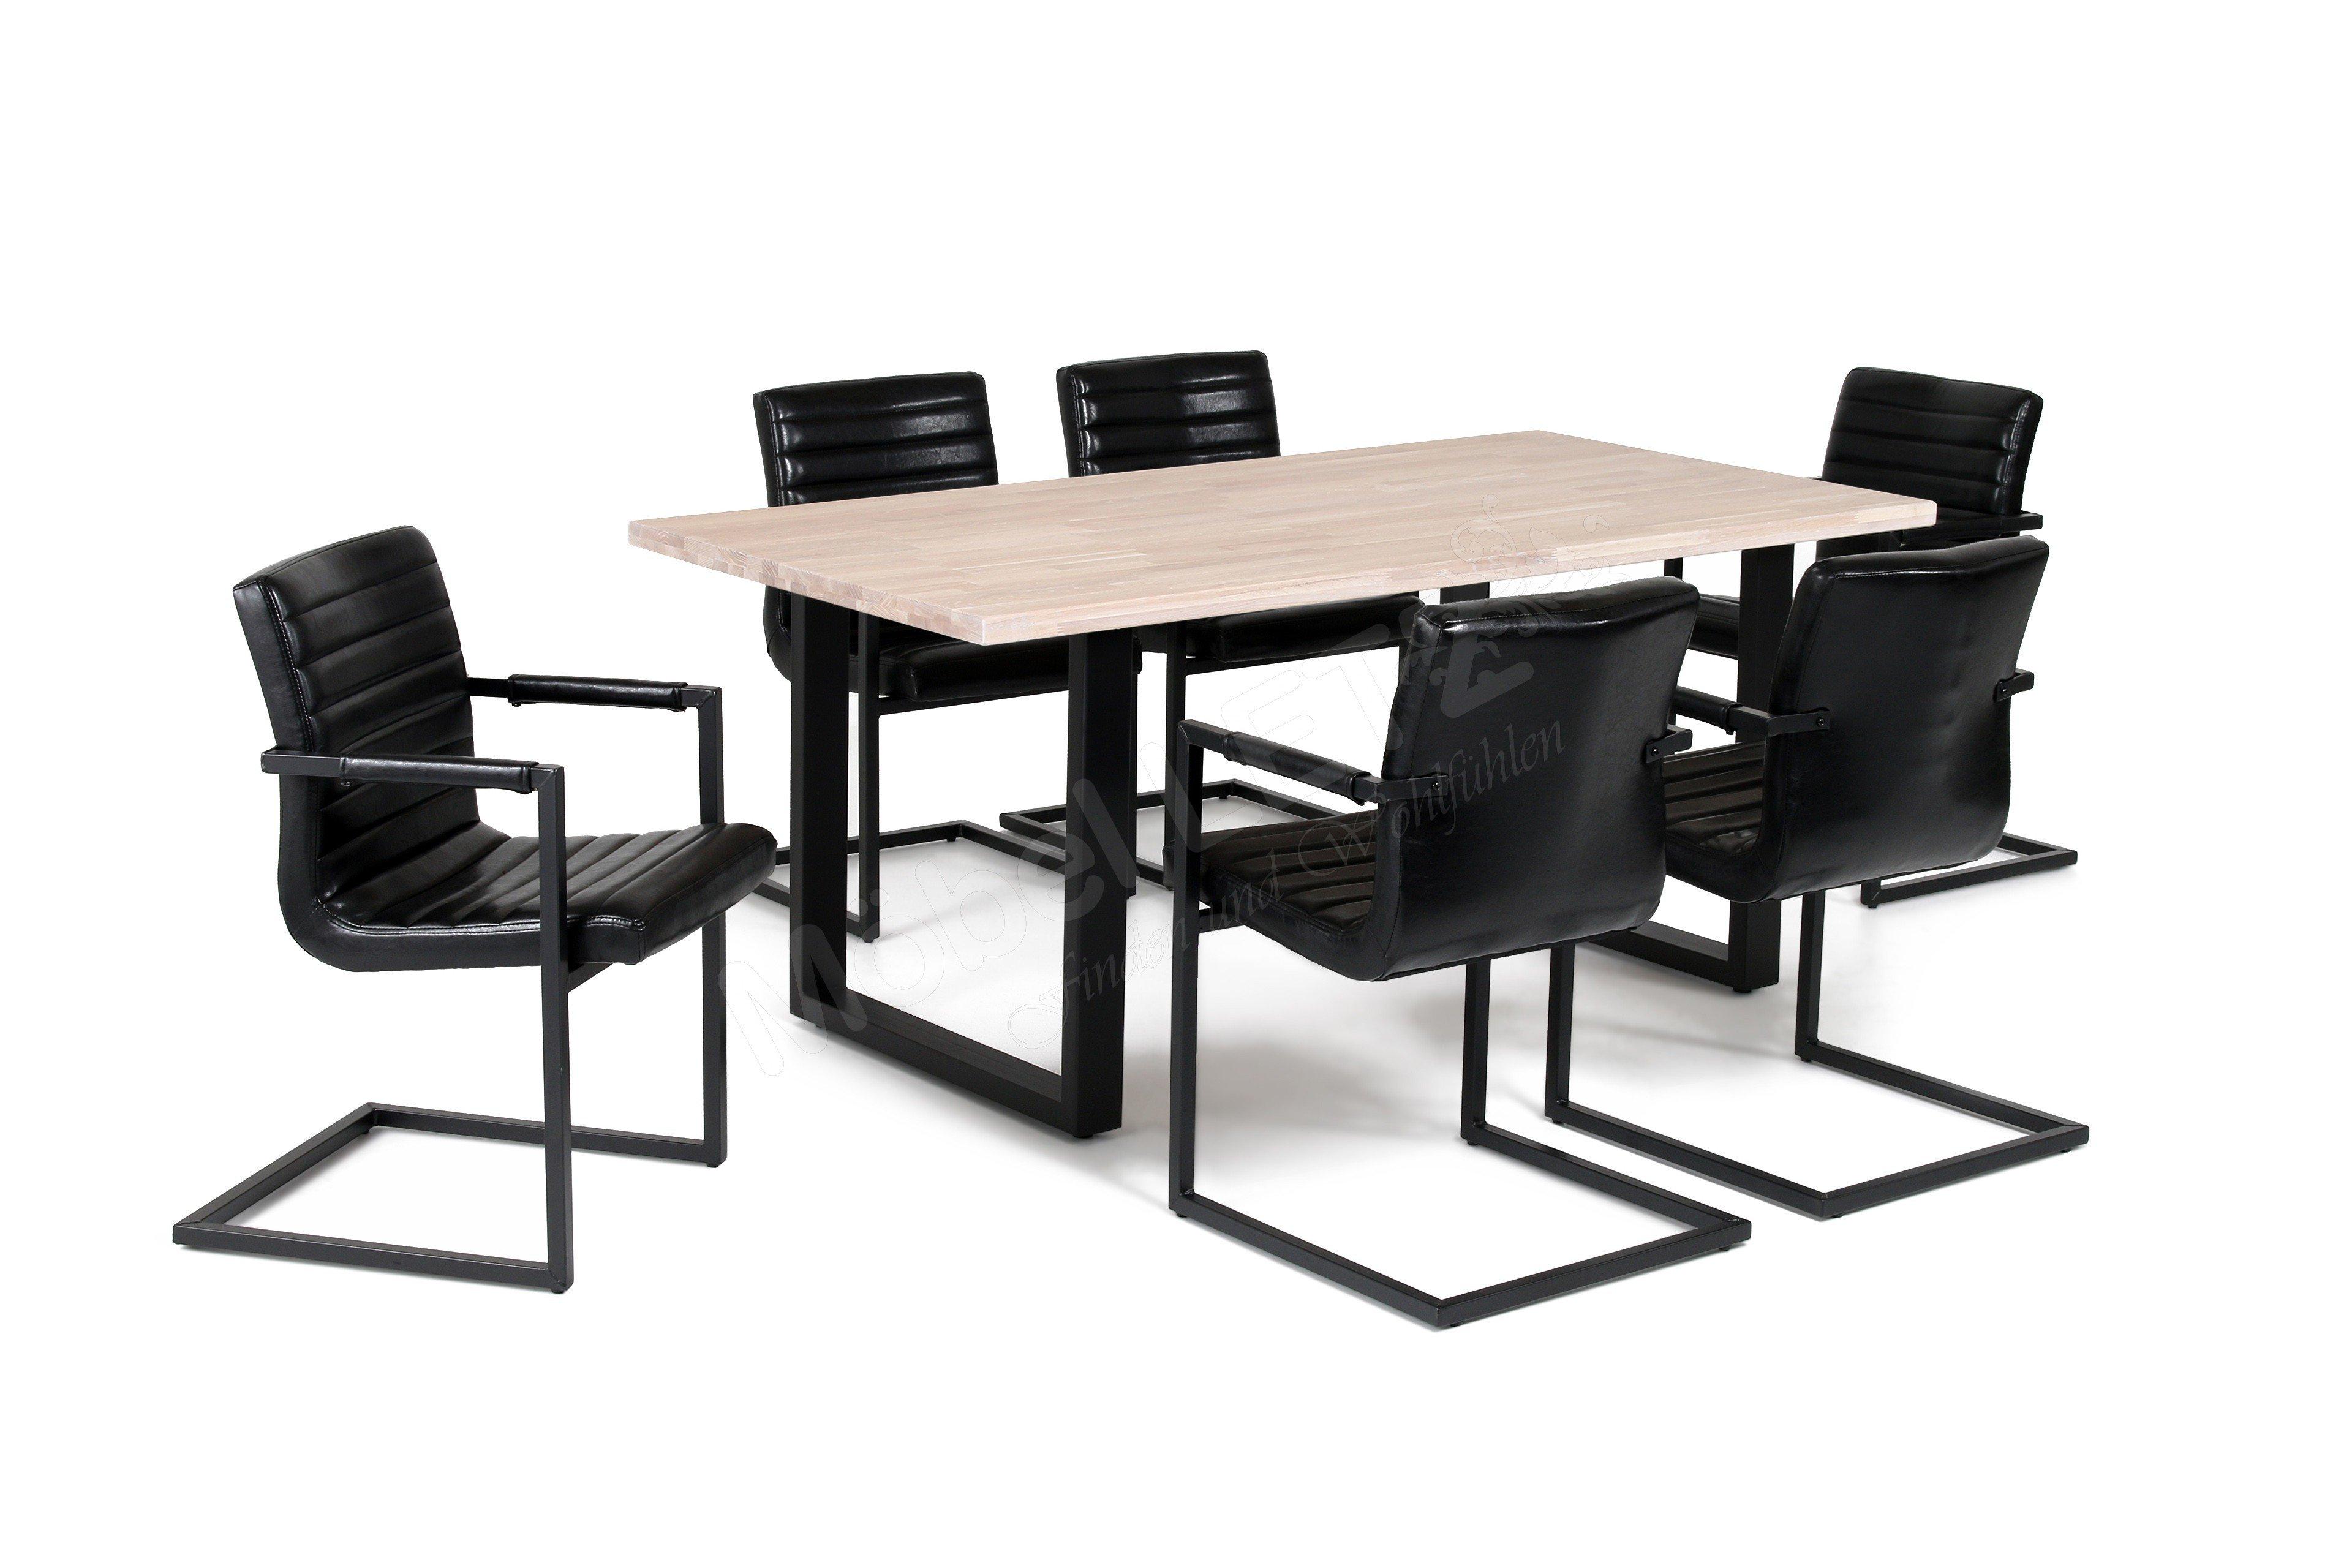 esstisch miami beach eiche bianco u gestell m bel letz ihr online shop. Black Bedroom Furniture Sets. Home Design Ideas